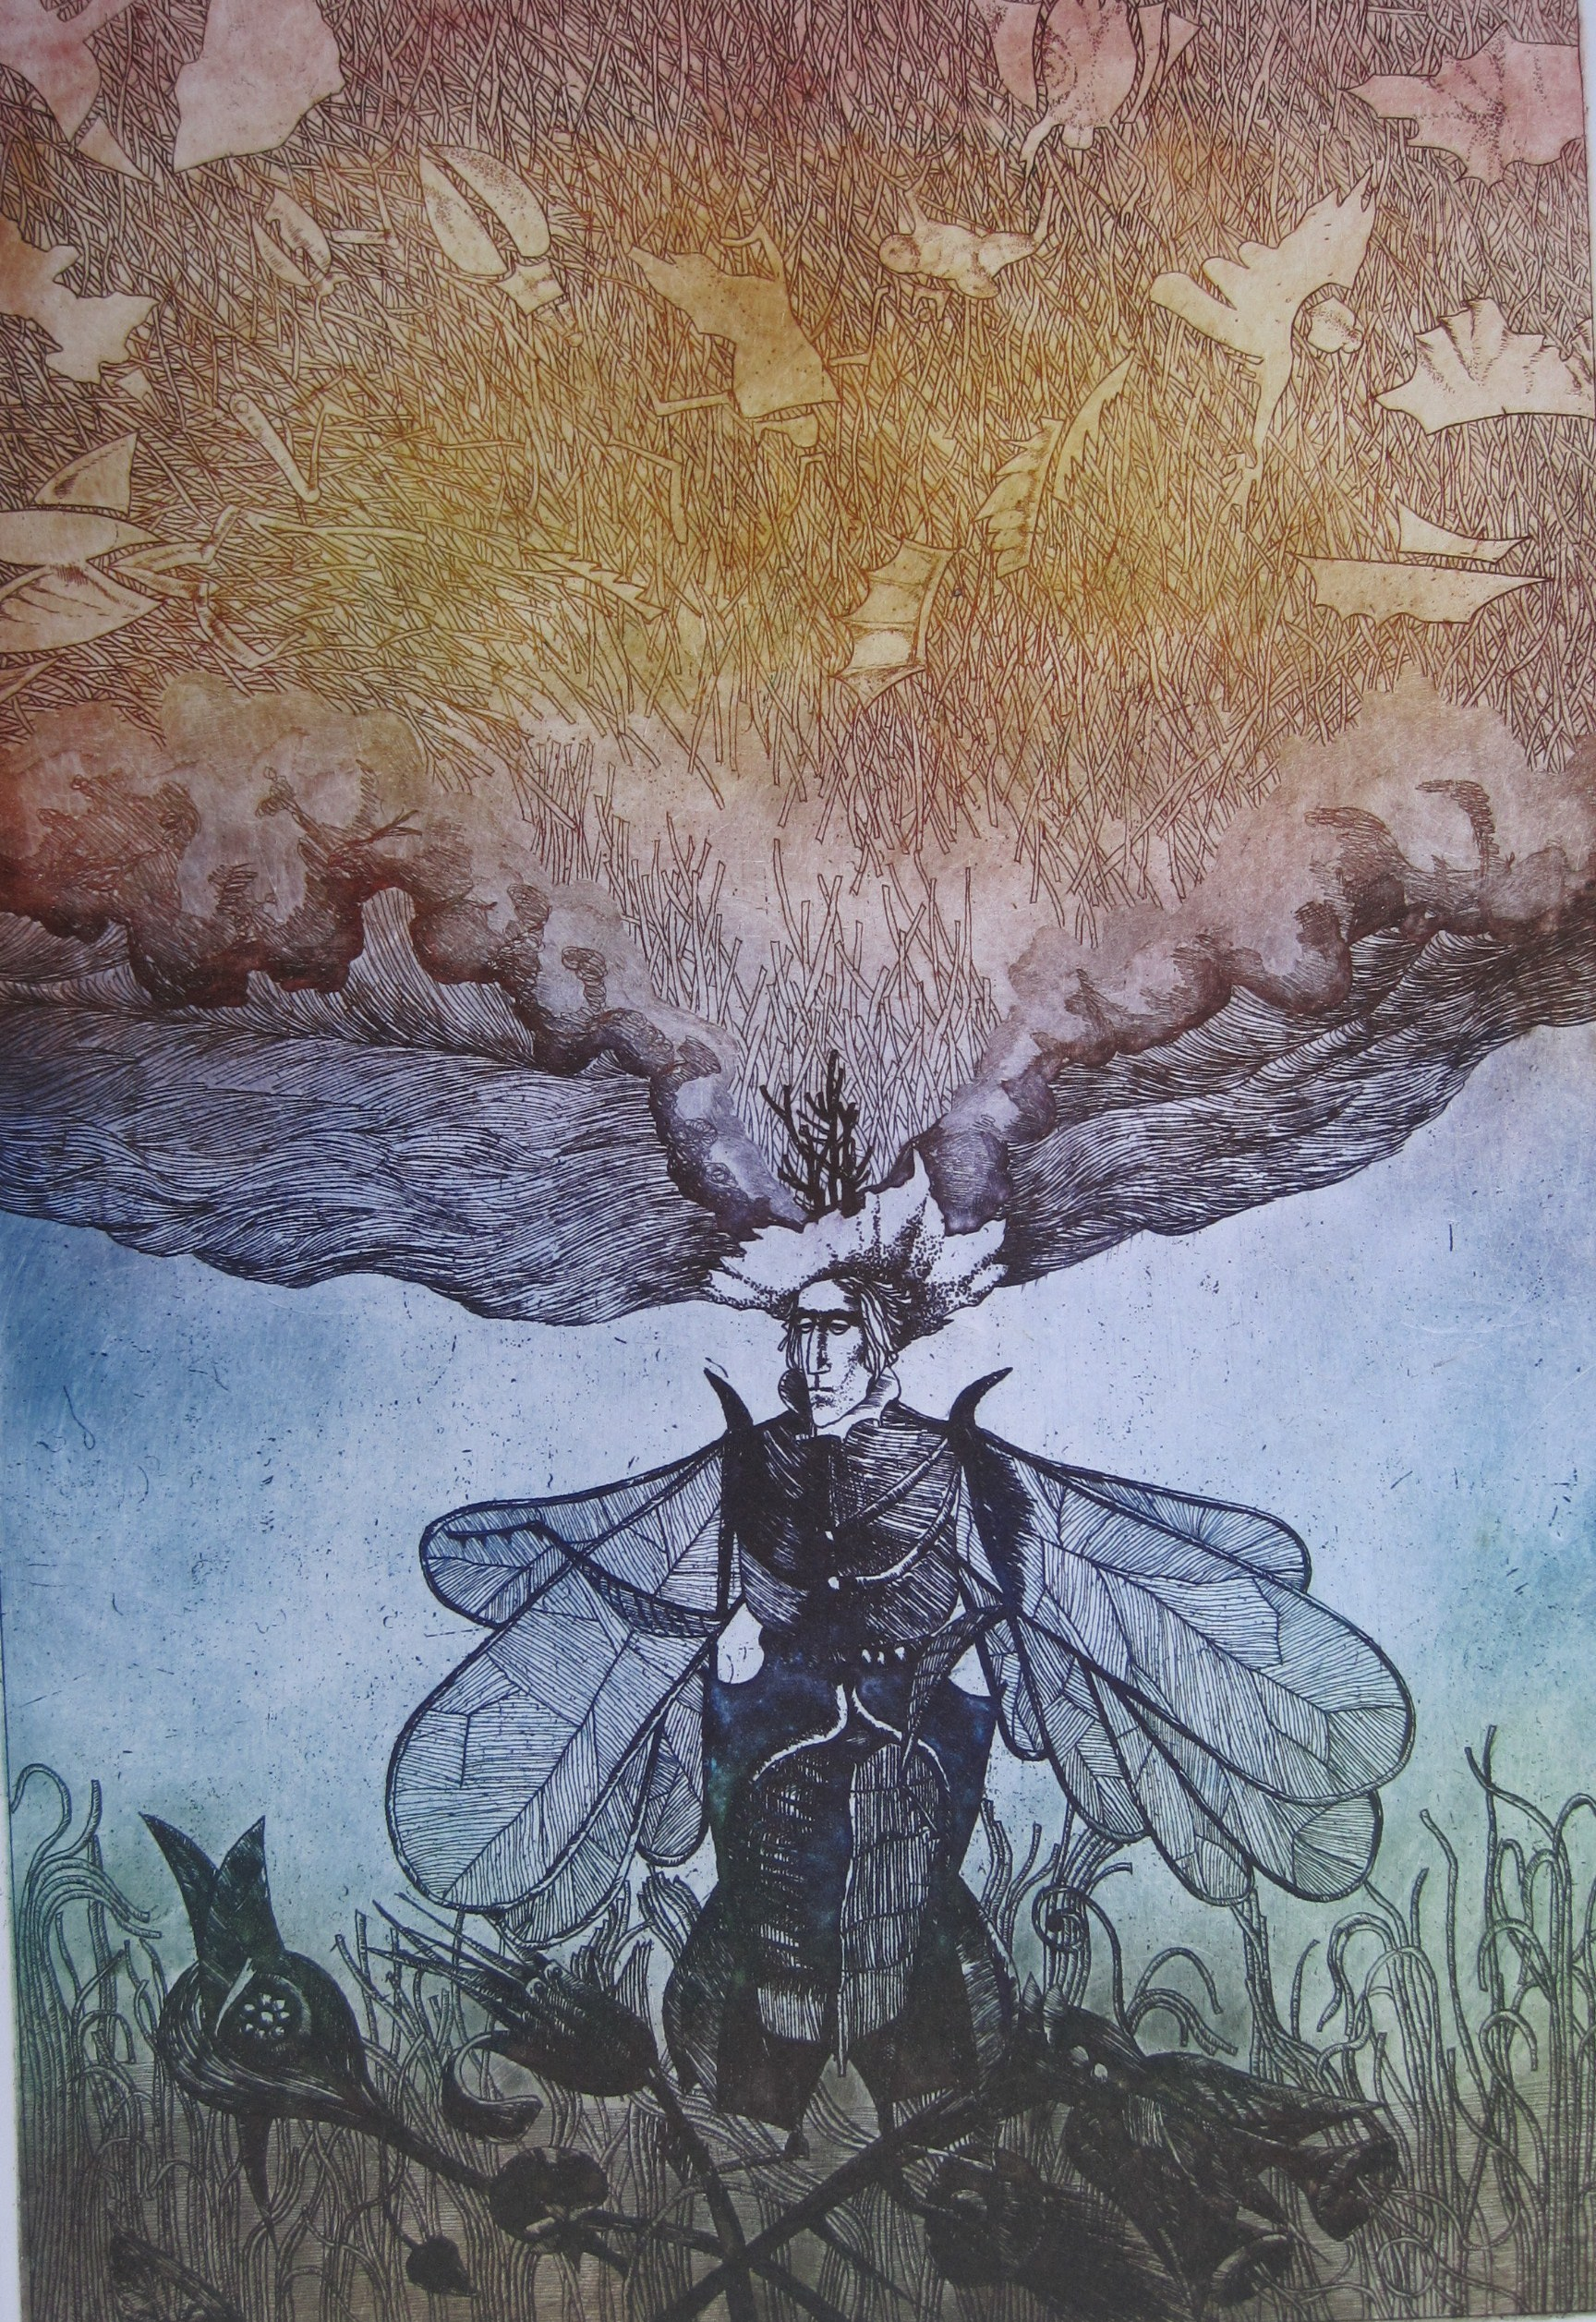 Egresi, Zsuzsa: König der Käfer